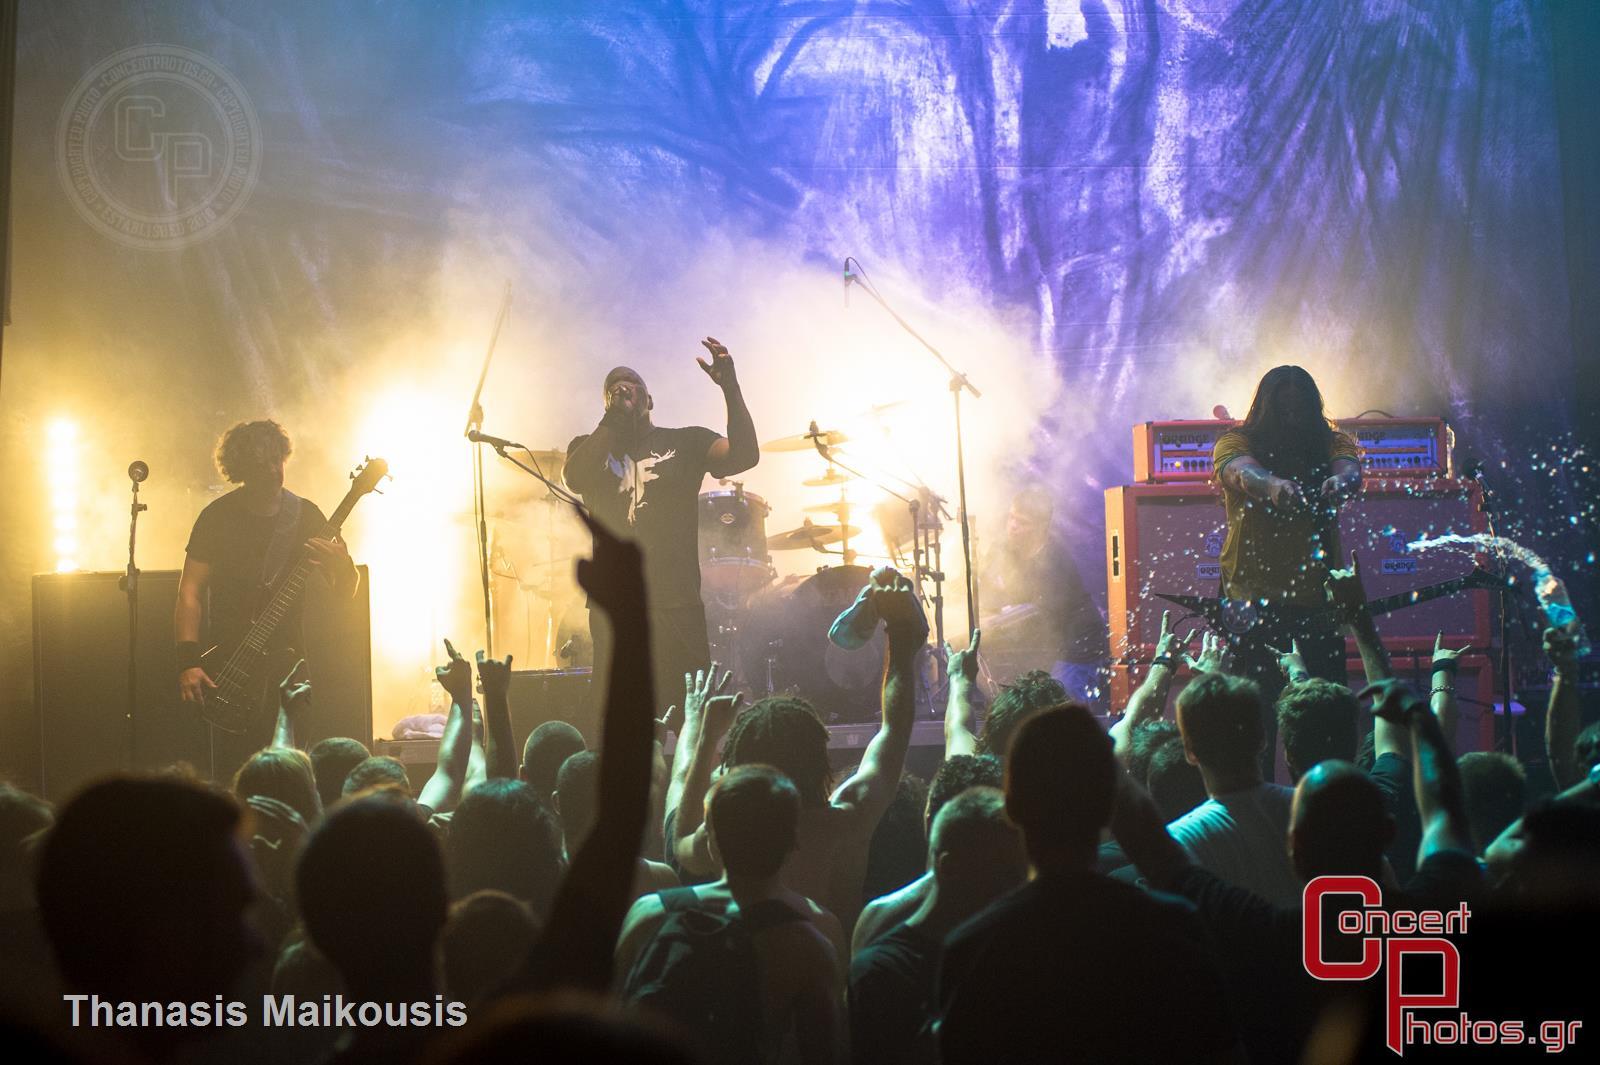 Sepultura-Sepultira photographer: Thanasis Maikousis - concertphotos_20140703_23_01_30